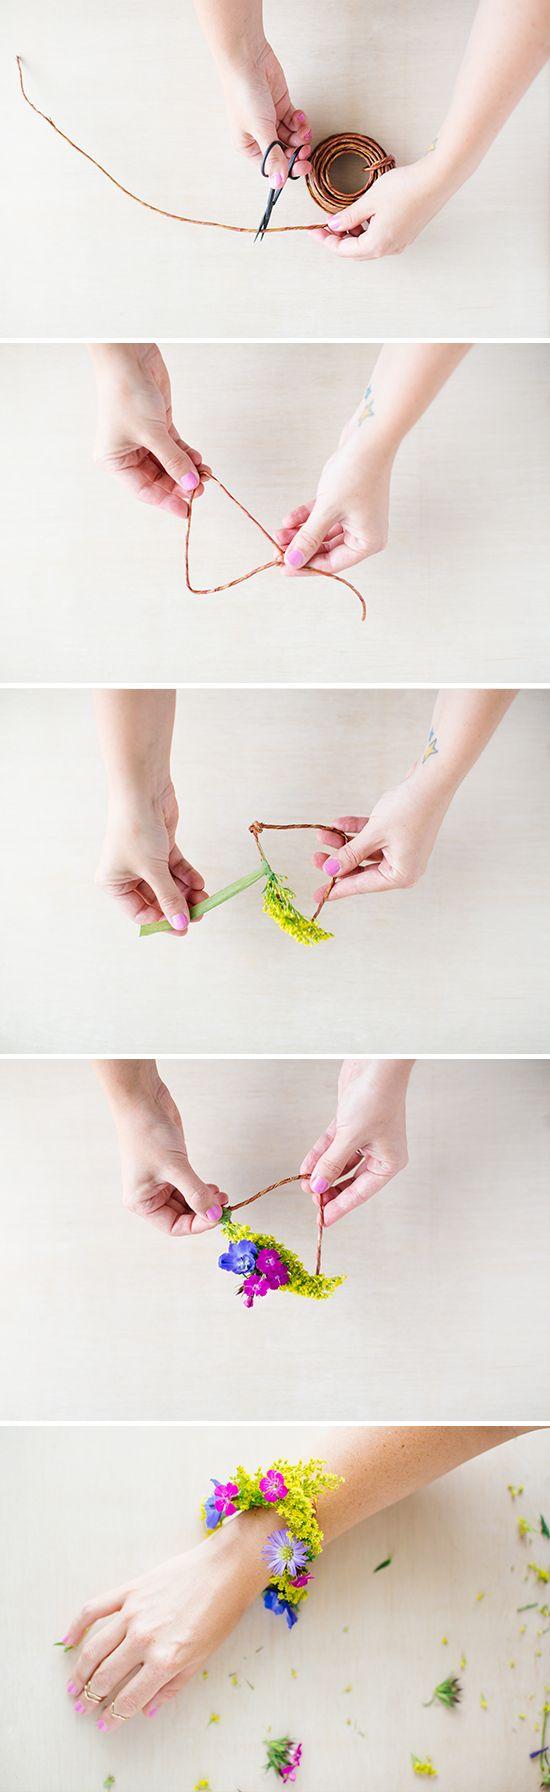 Make This: Diy Summer Statement Jewelry Using Fresh Flowers